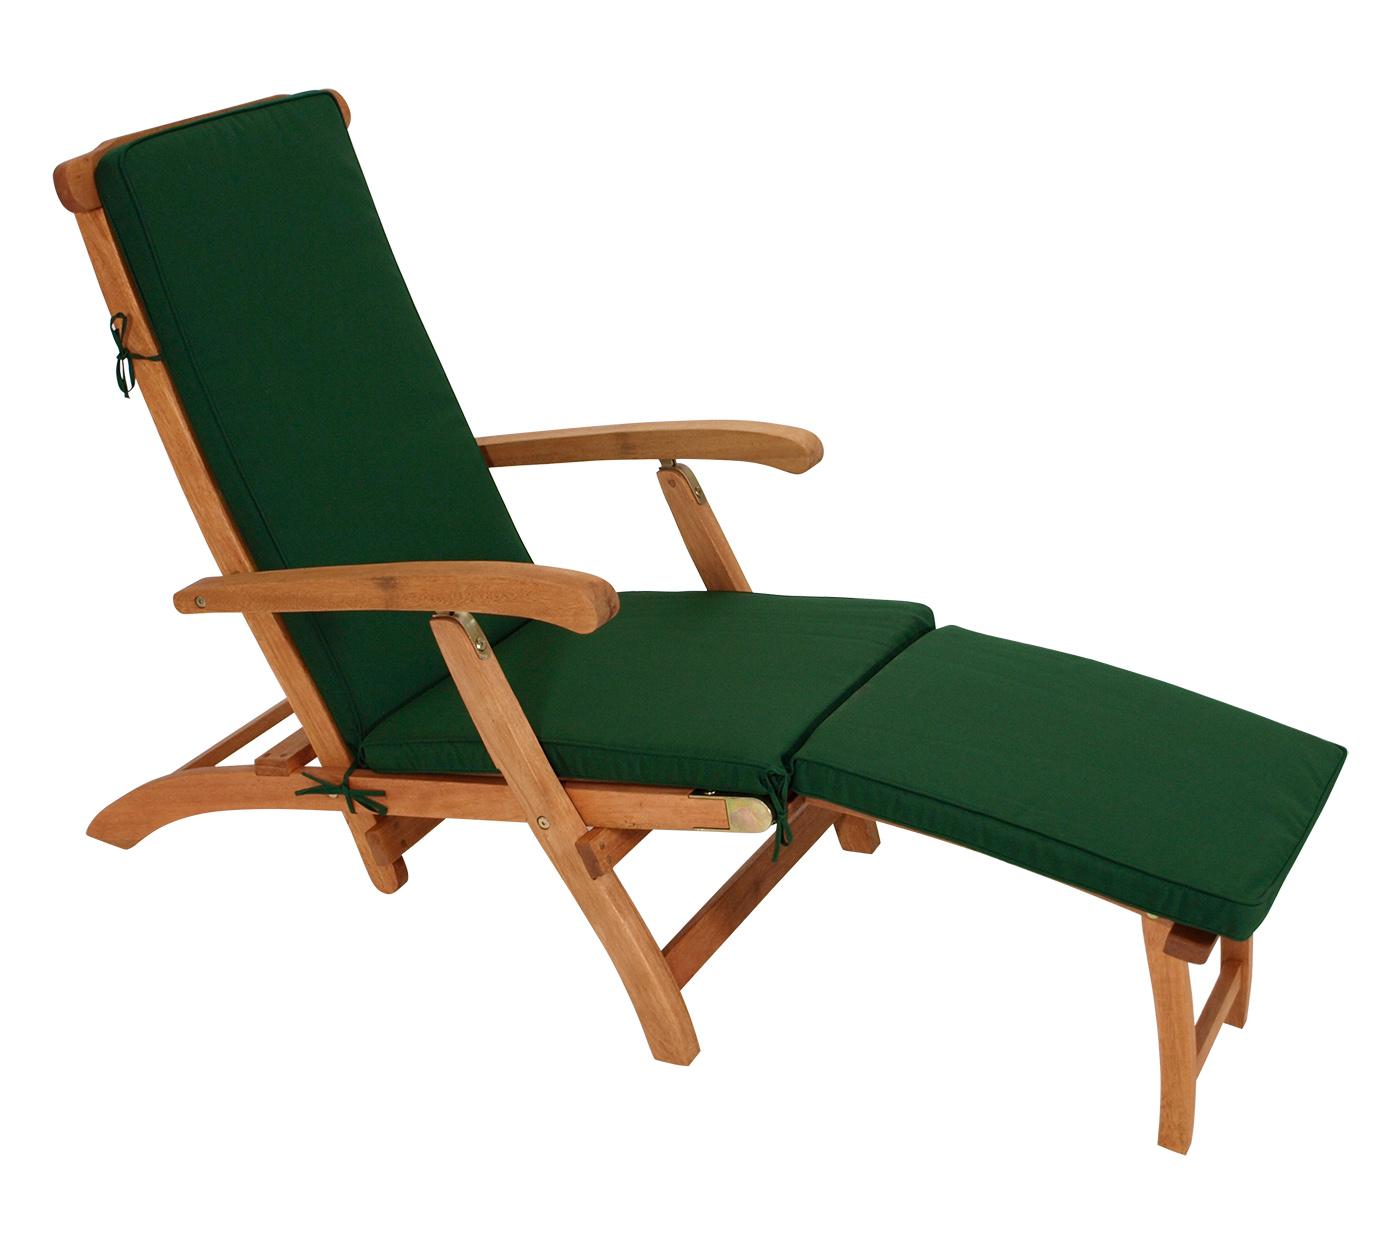 auflage liegestuhl deckchair polster deckchairauflage denver gr n 176x48cm ebay. Black Bedroom Furniture Sets. Home Design Ideas